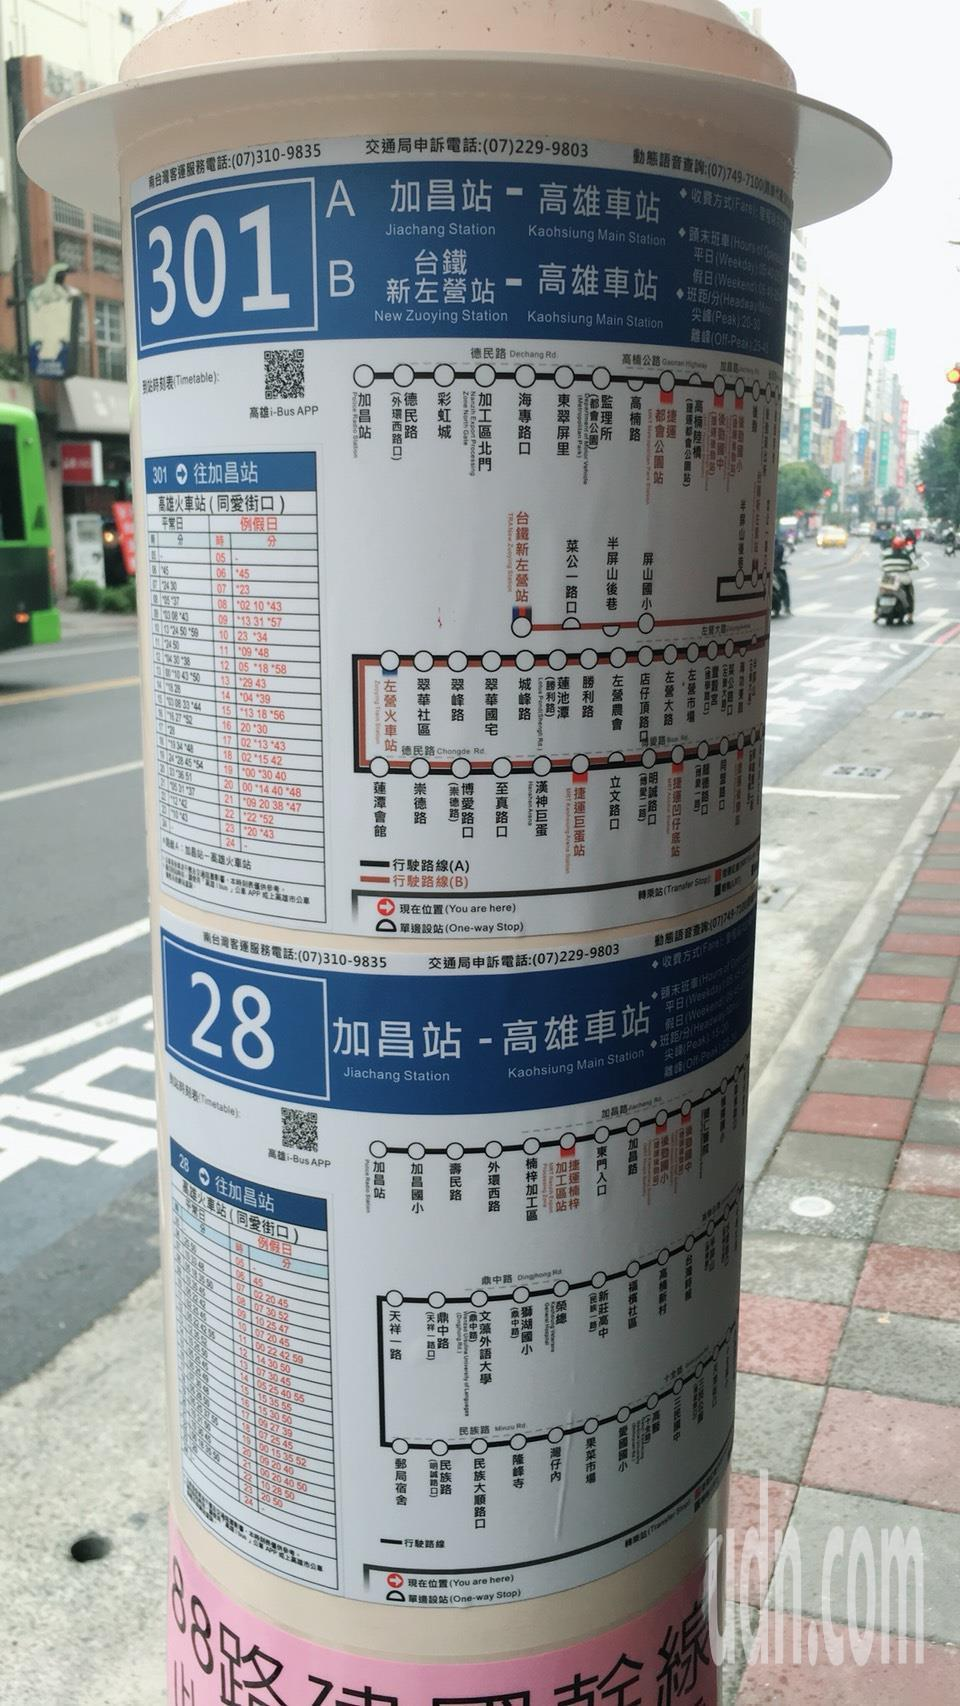 新的長條式公車路線圖。記者蔡孟妤/攝影